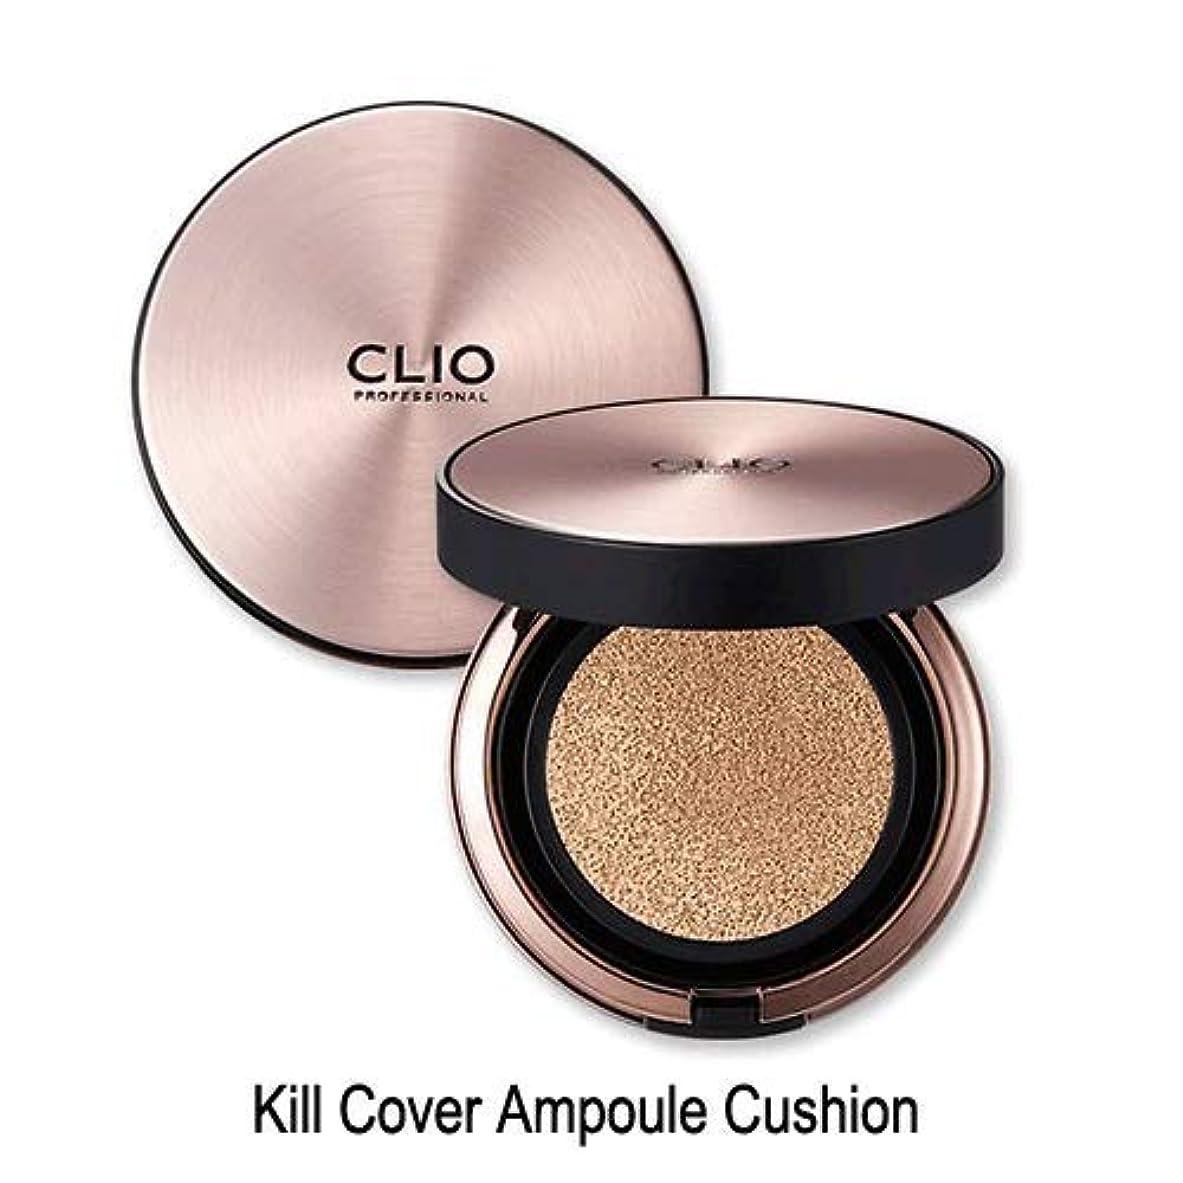 違法マトリックストランジスタキルカバー アンプル クッション(Kill Cover Ampoule Cushion) 2ランジェリー